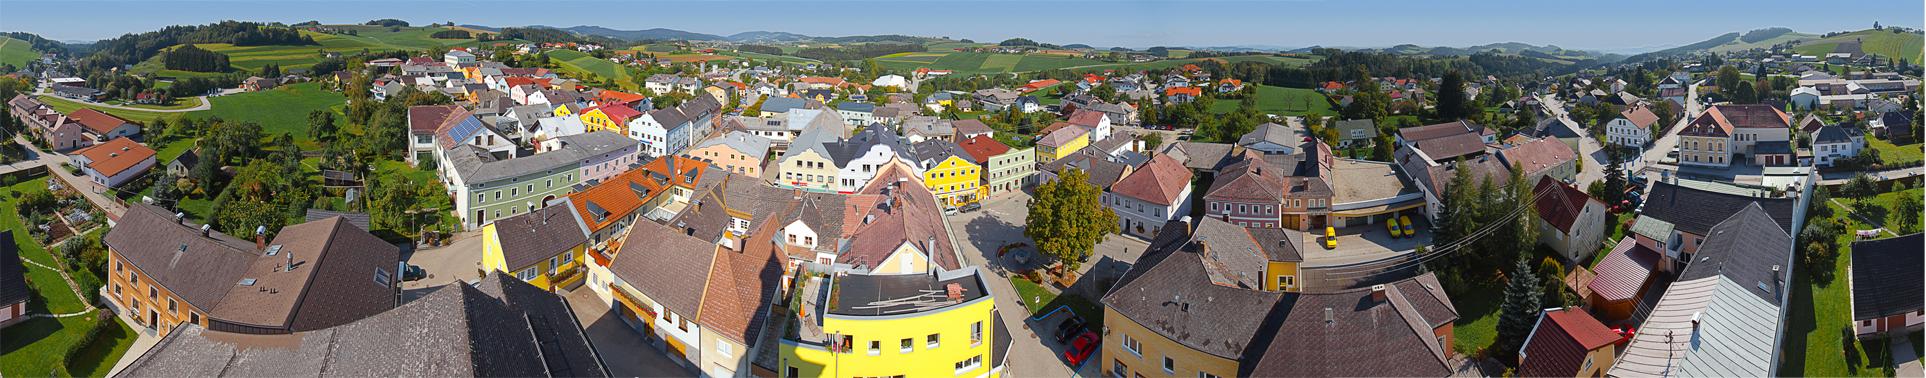 Lembach Panorama 2012